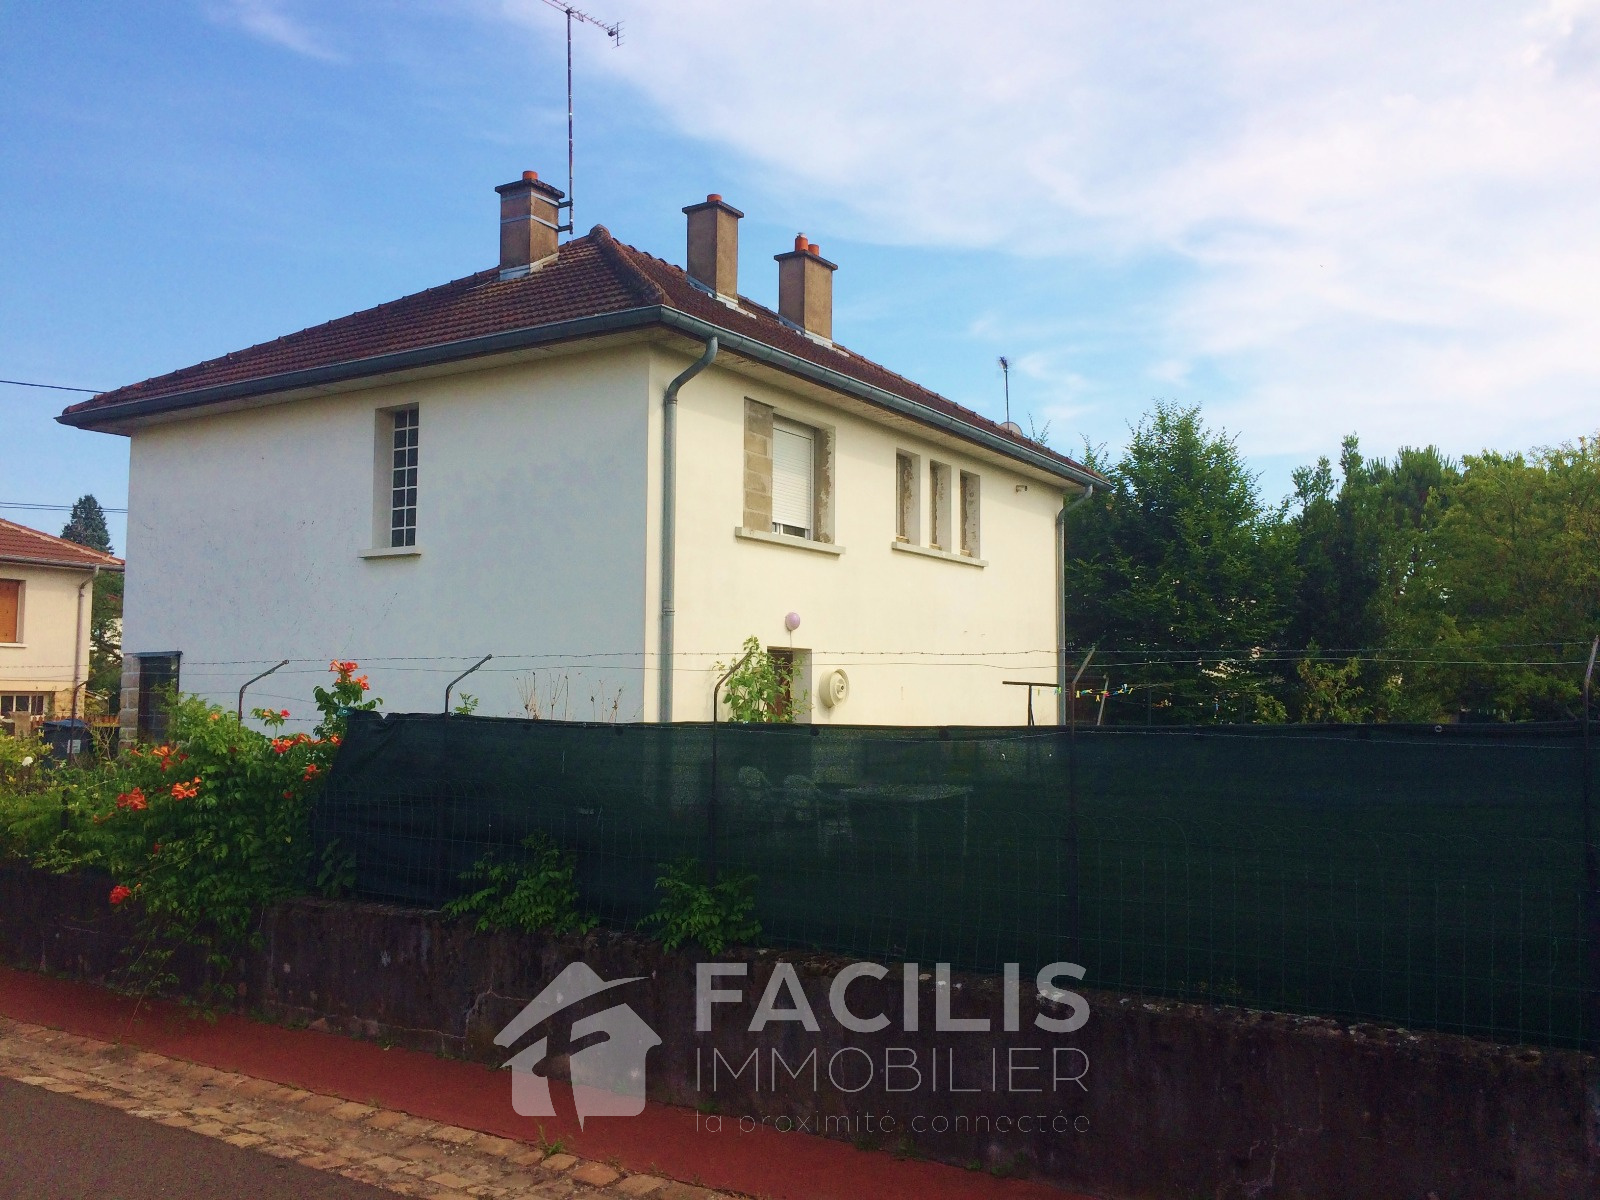 Maison clair logis prix beautiful photo residence clair for Construire une maison de retraite